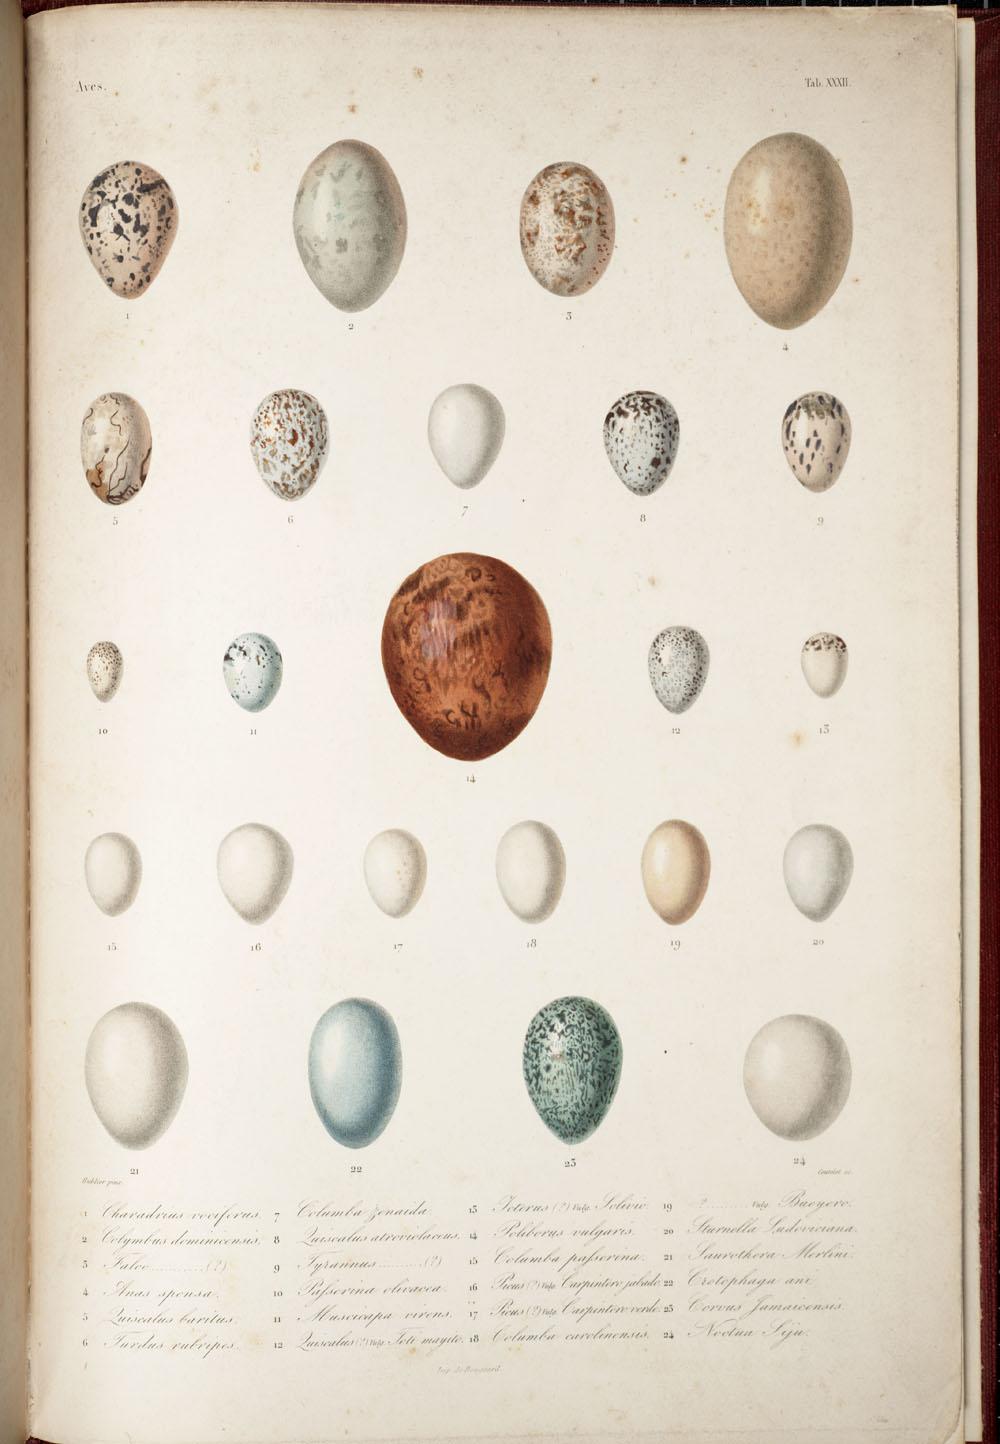 Ramon Sagra, Histoire physique, politique et naturelle de l'ile de Cuba,, 1838-1845, The eggs of 24 birds